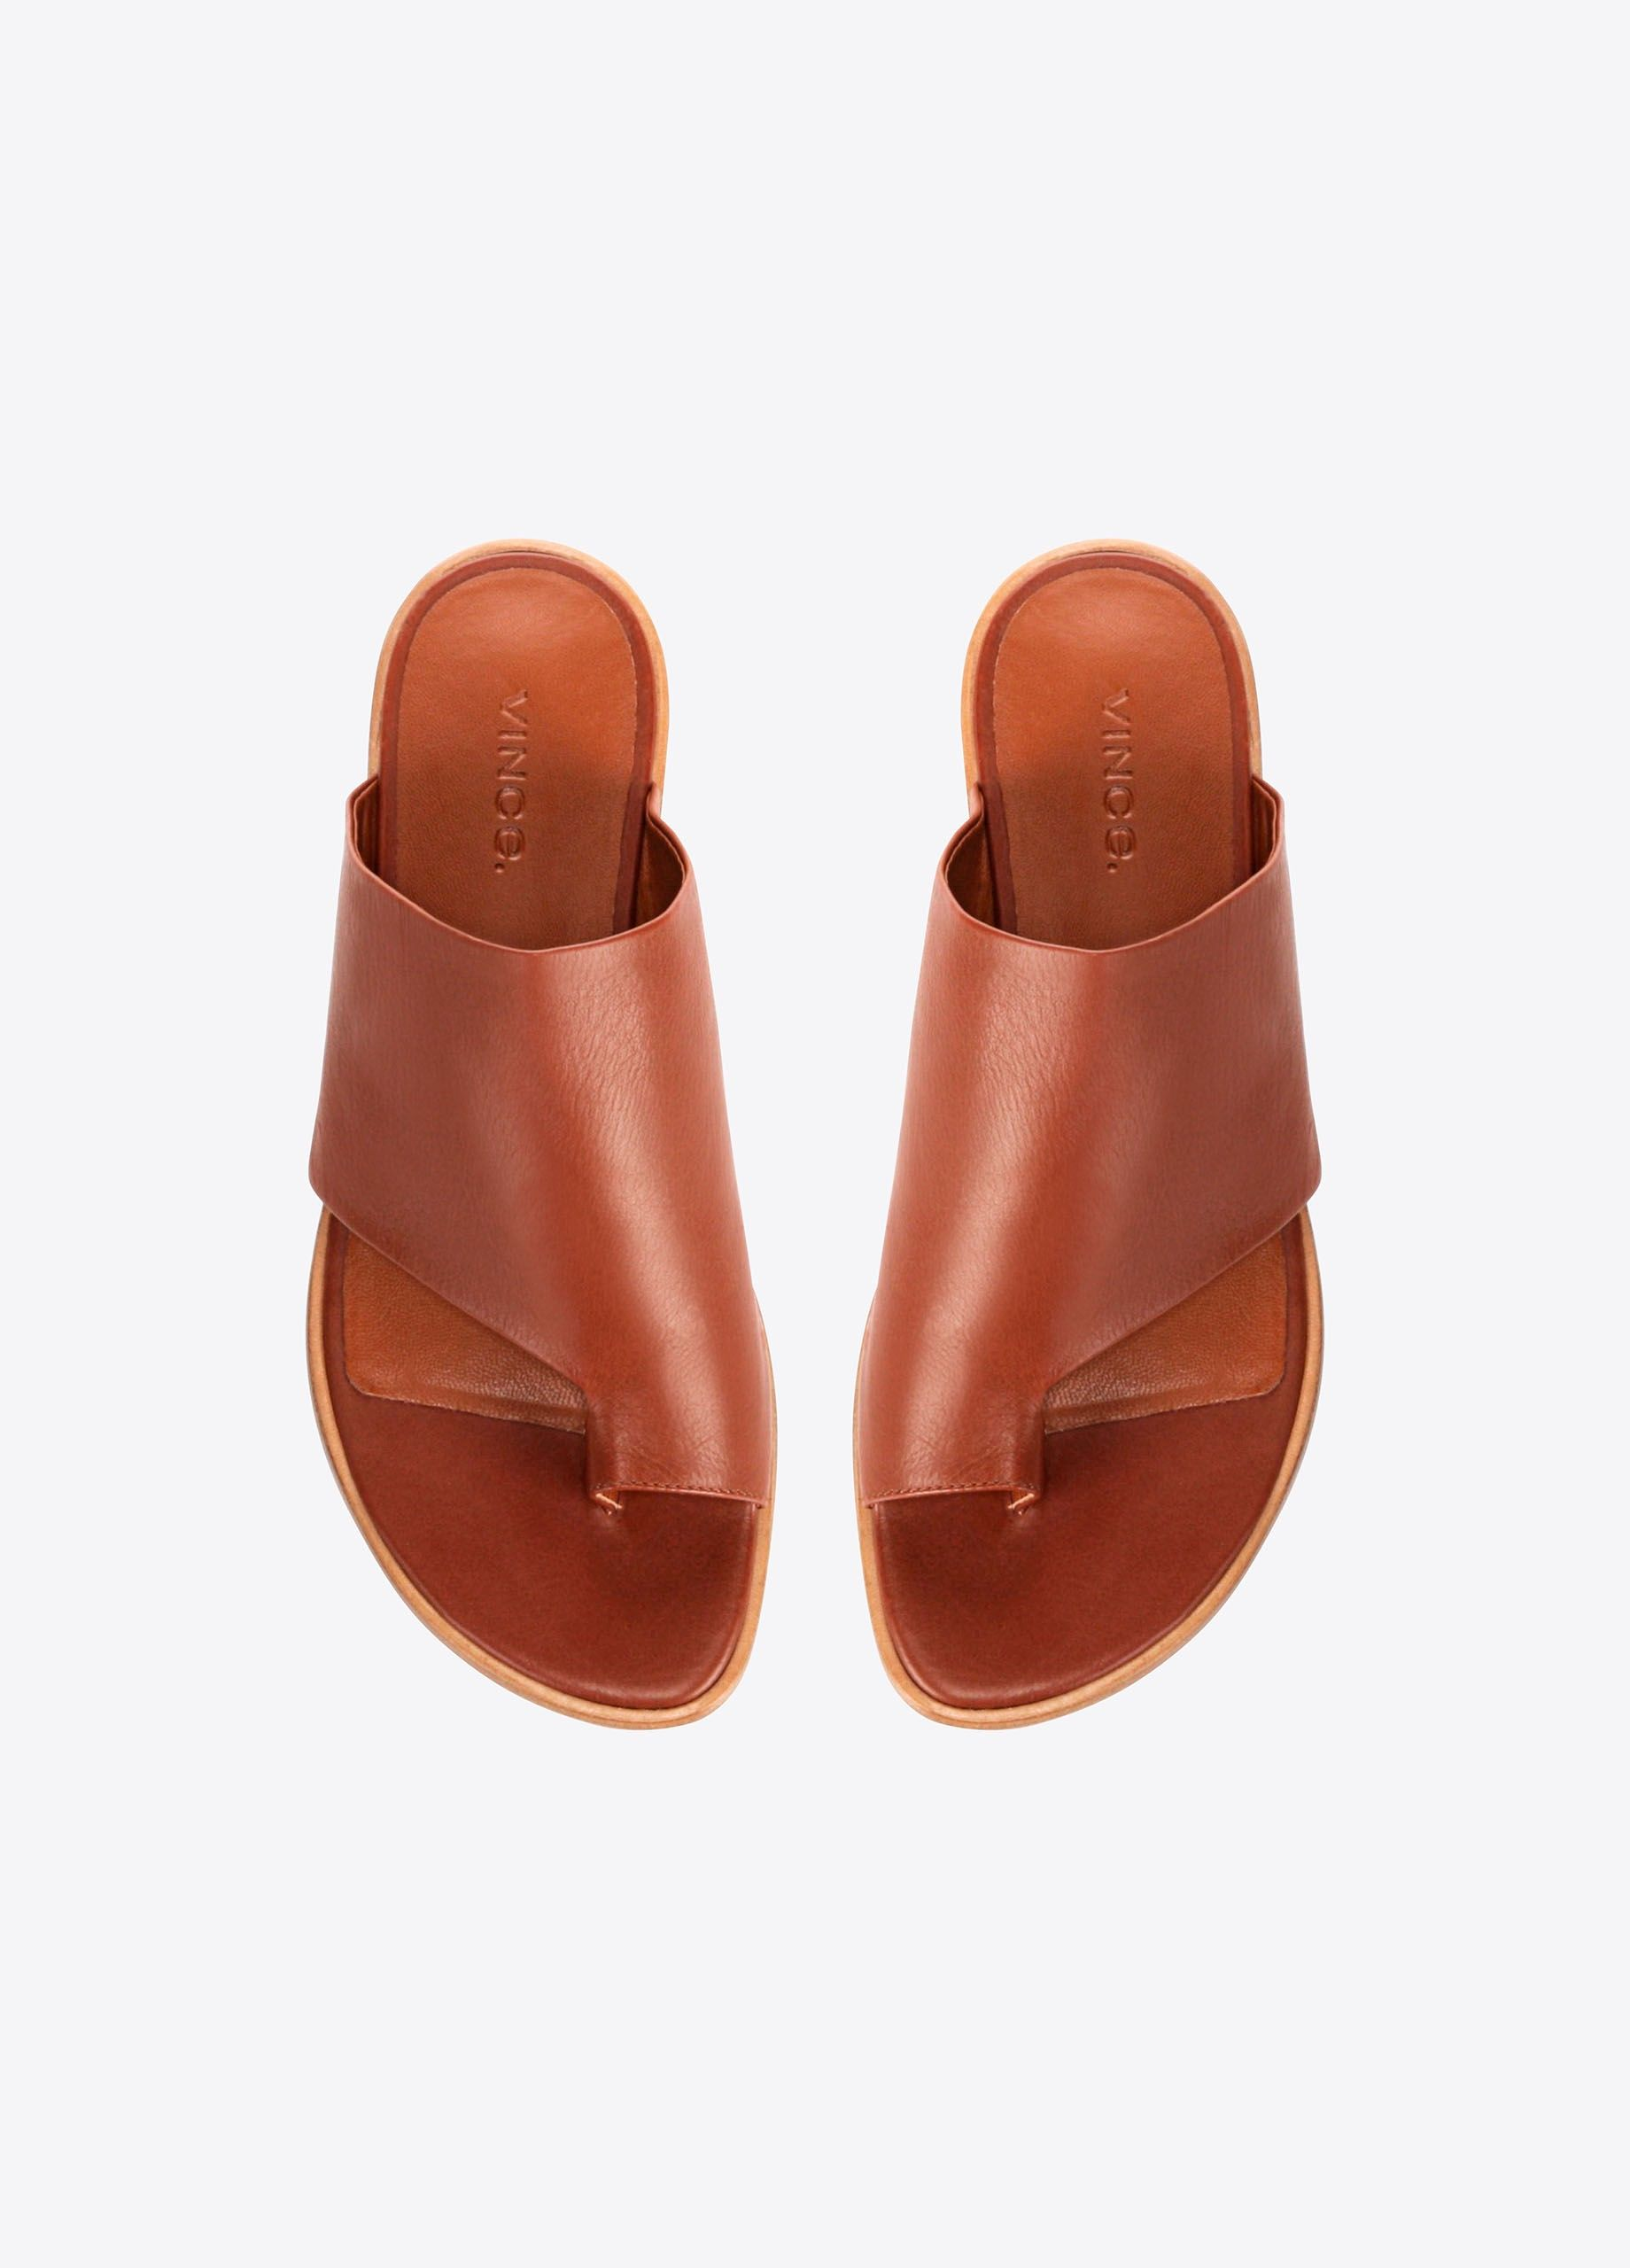 3088f5bcfd88 Edris Leather Sandals - Cognac by Vince